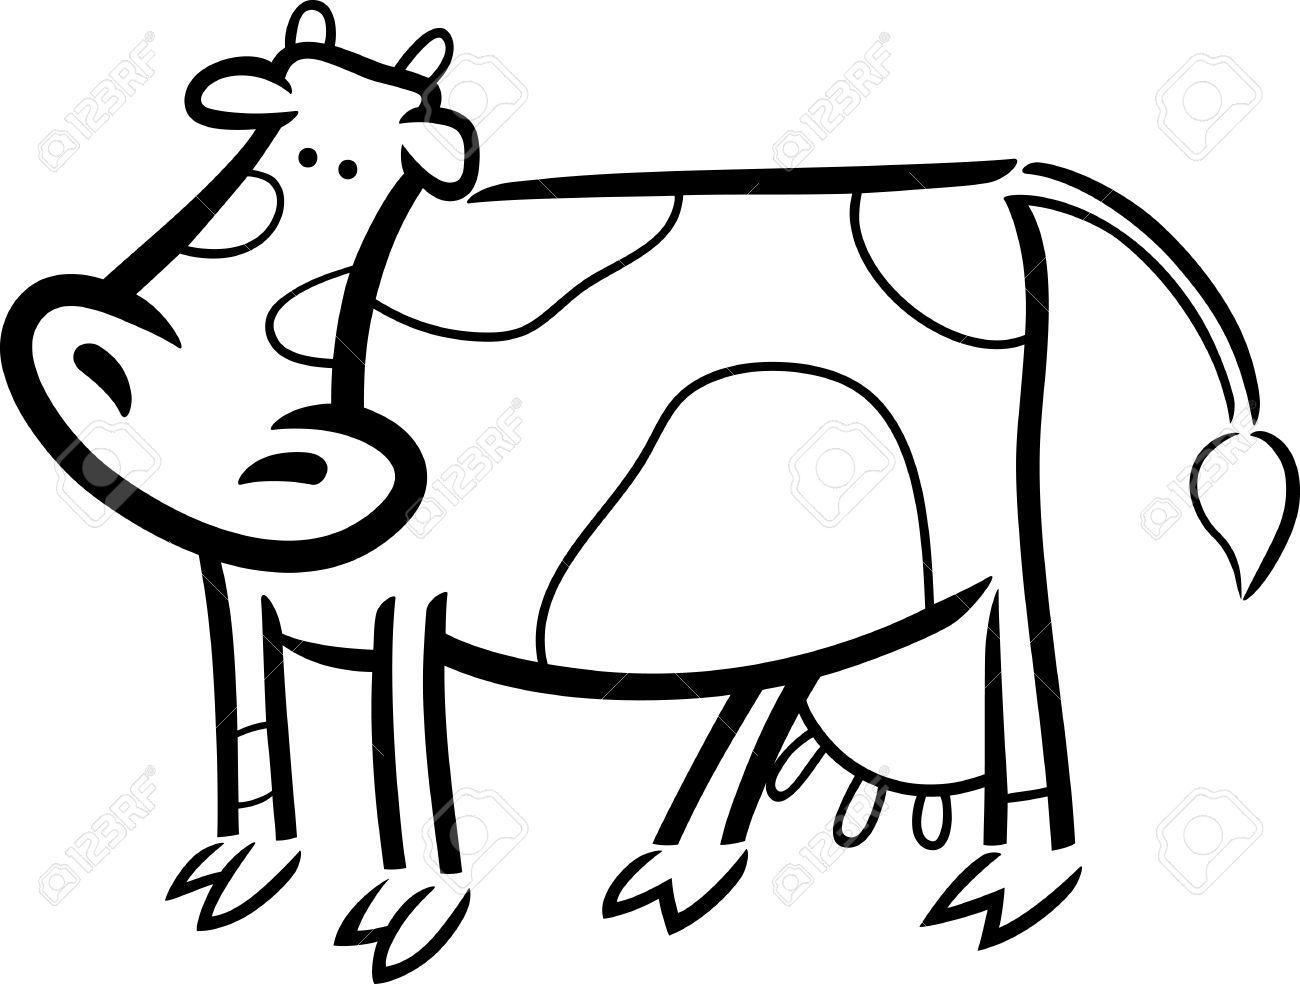 De Dibujos Animados Dibujo Ilustración De Vaca Granja Lindo Para ...